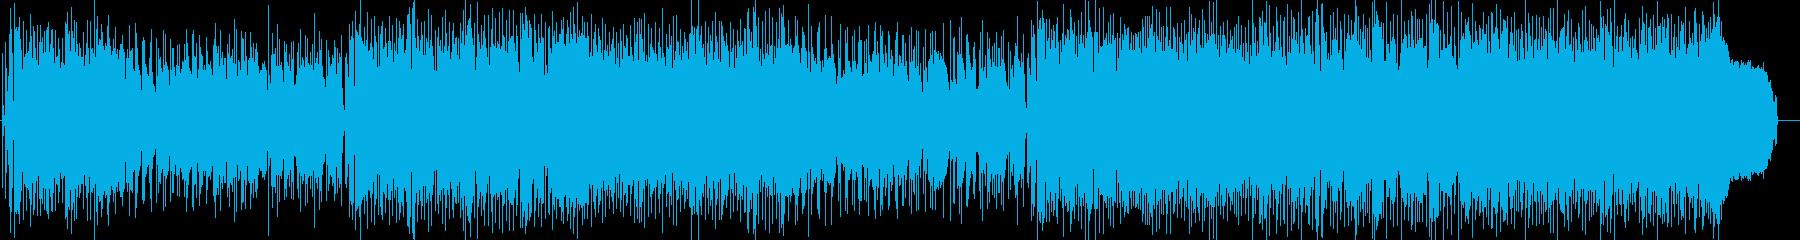 雨のサブウェイの再生済みの波形